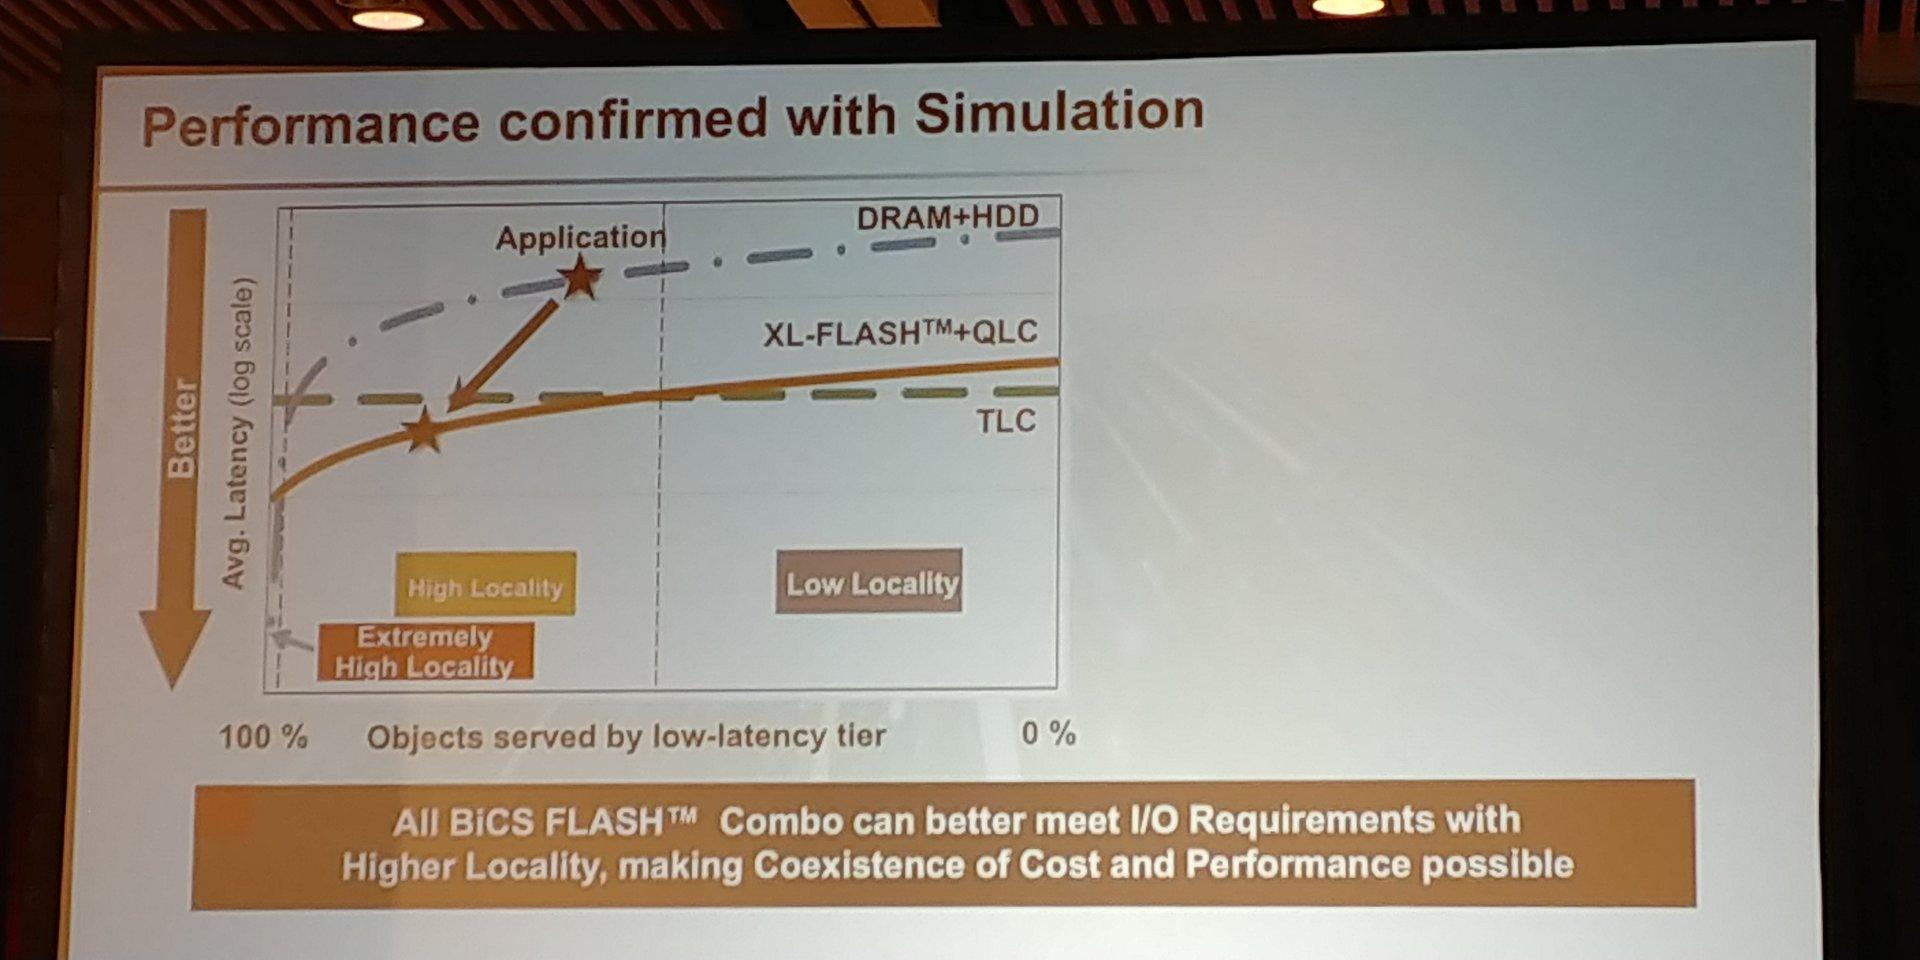 XL-Flash + QLC schneller als DRAM + HDD